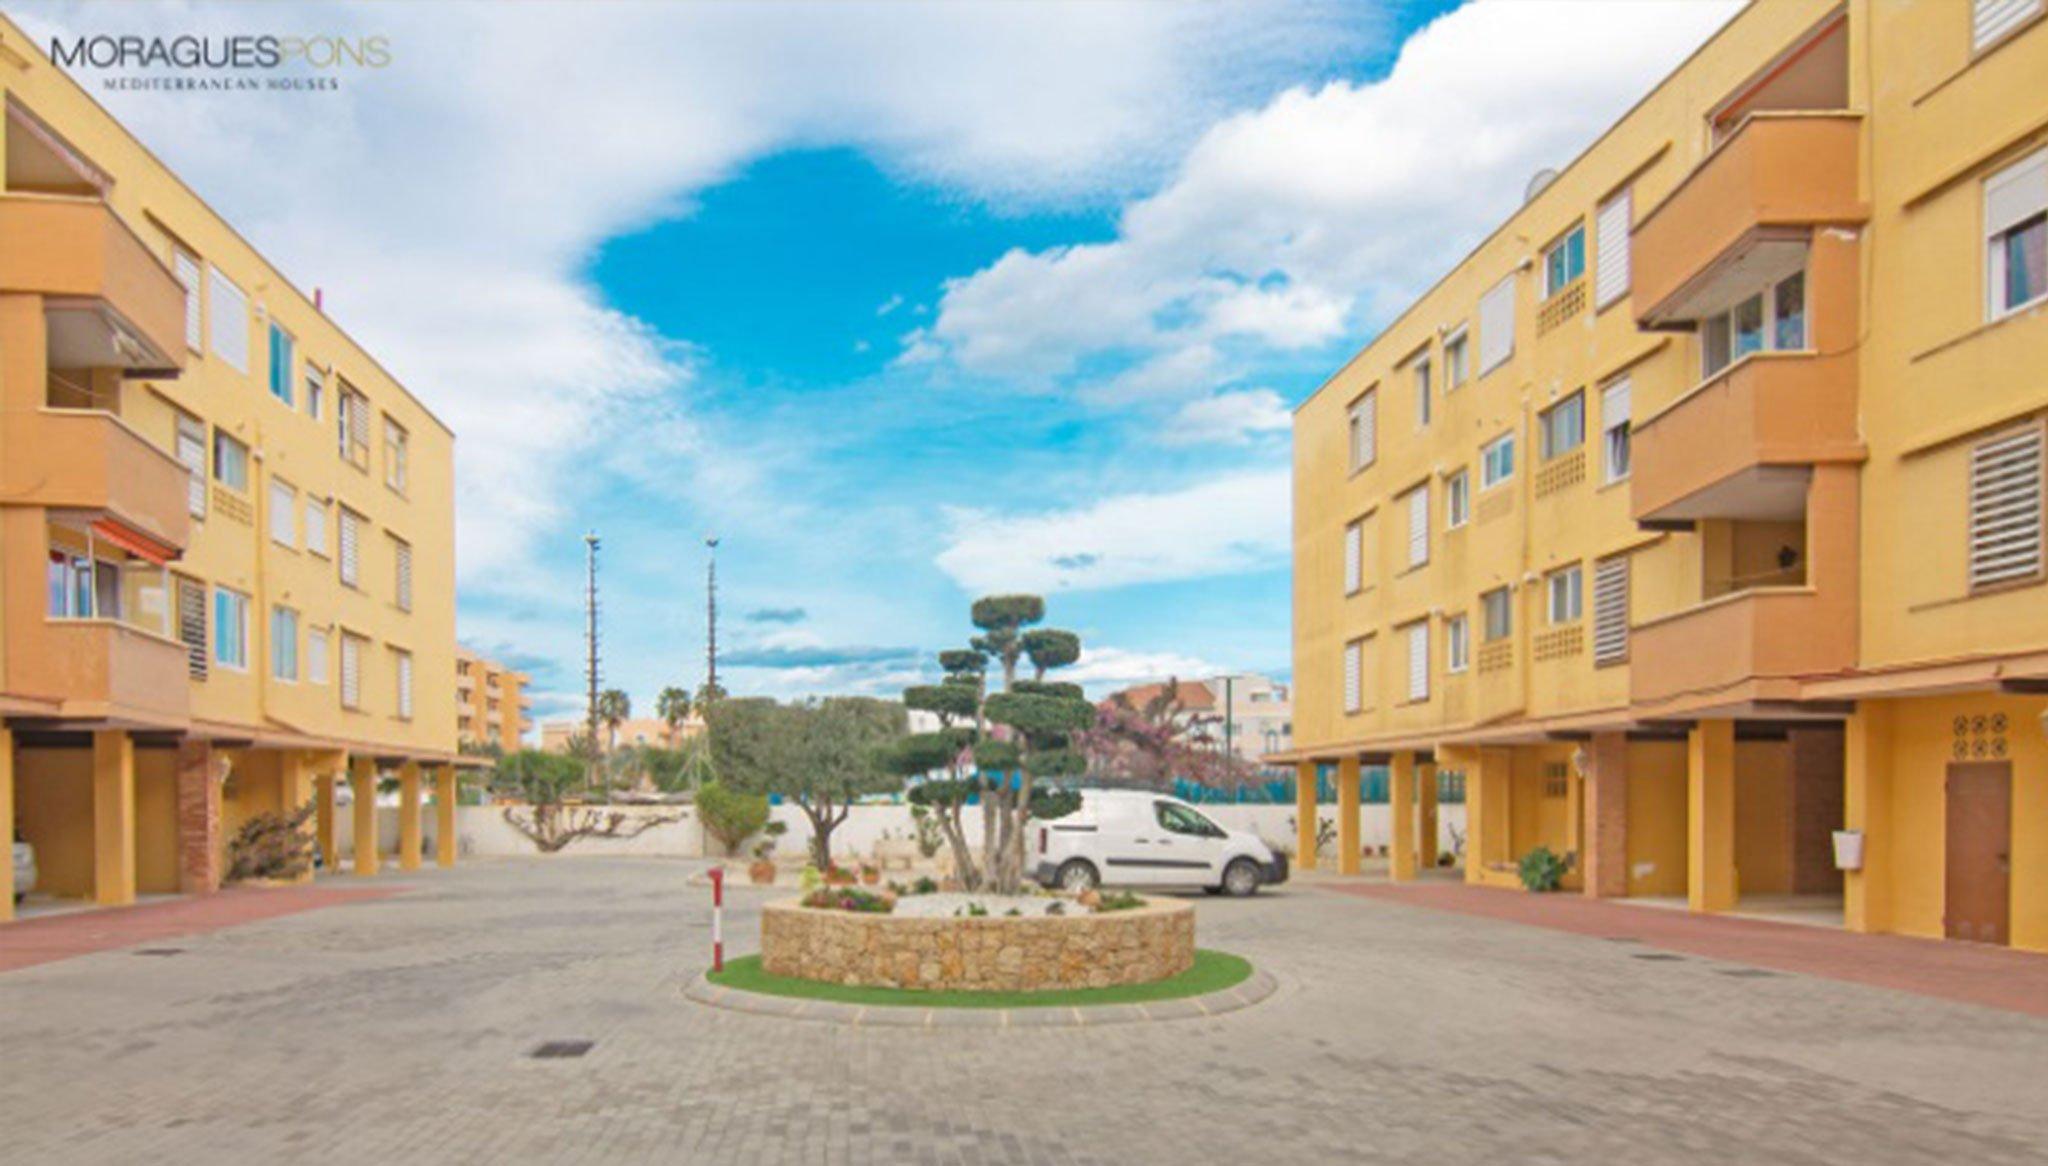 Entorno de un piso en venta en la zona del Arenal en Xàbia – MORAGUESPONS Mediterranean Houses